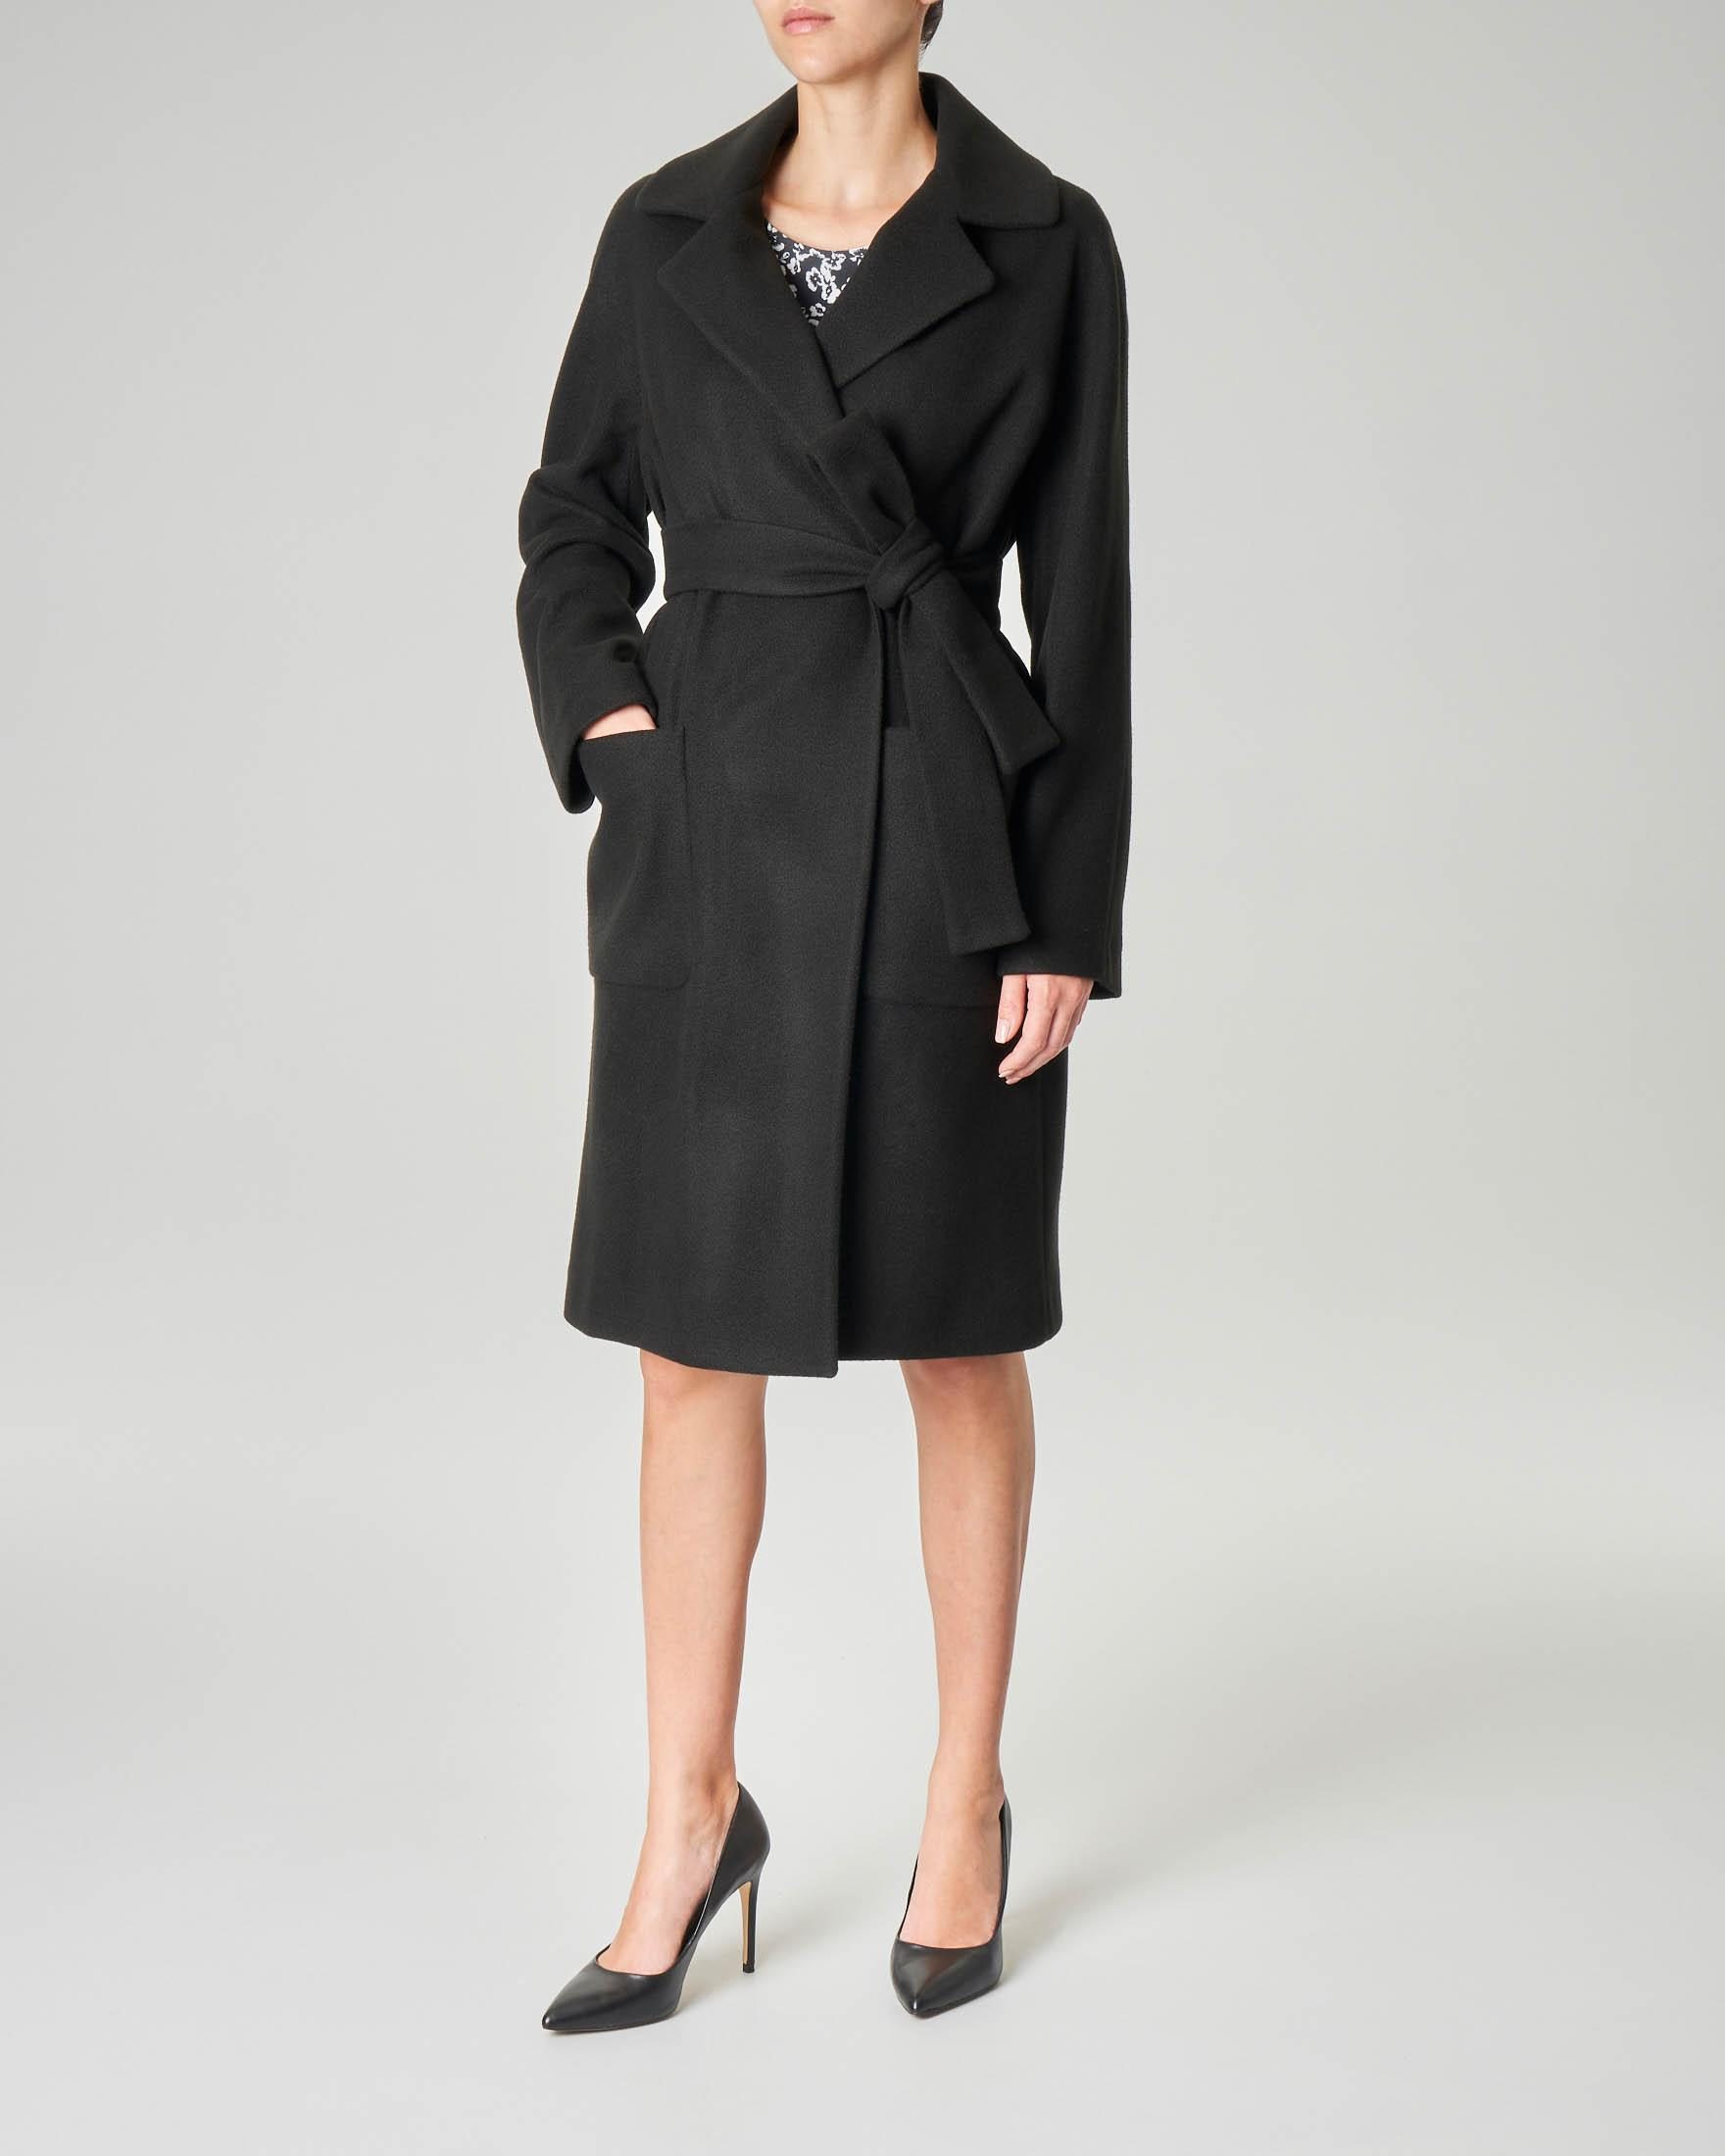 Cappotto nero in panno di misto lana con cintura in vita